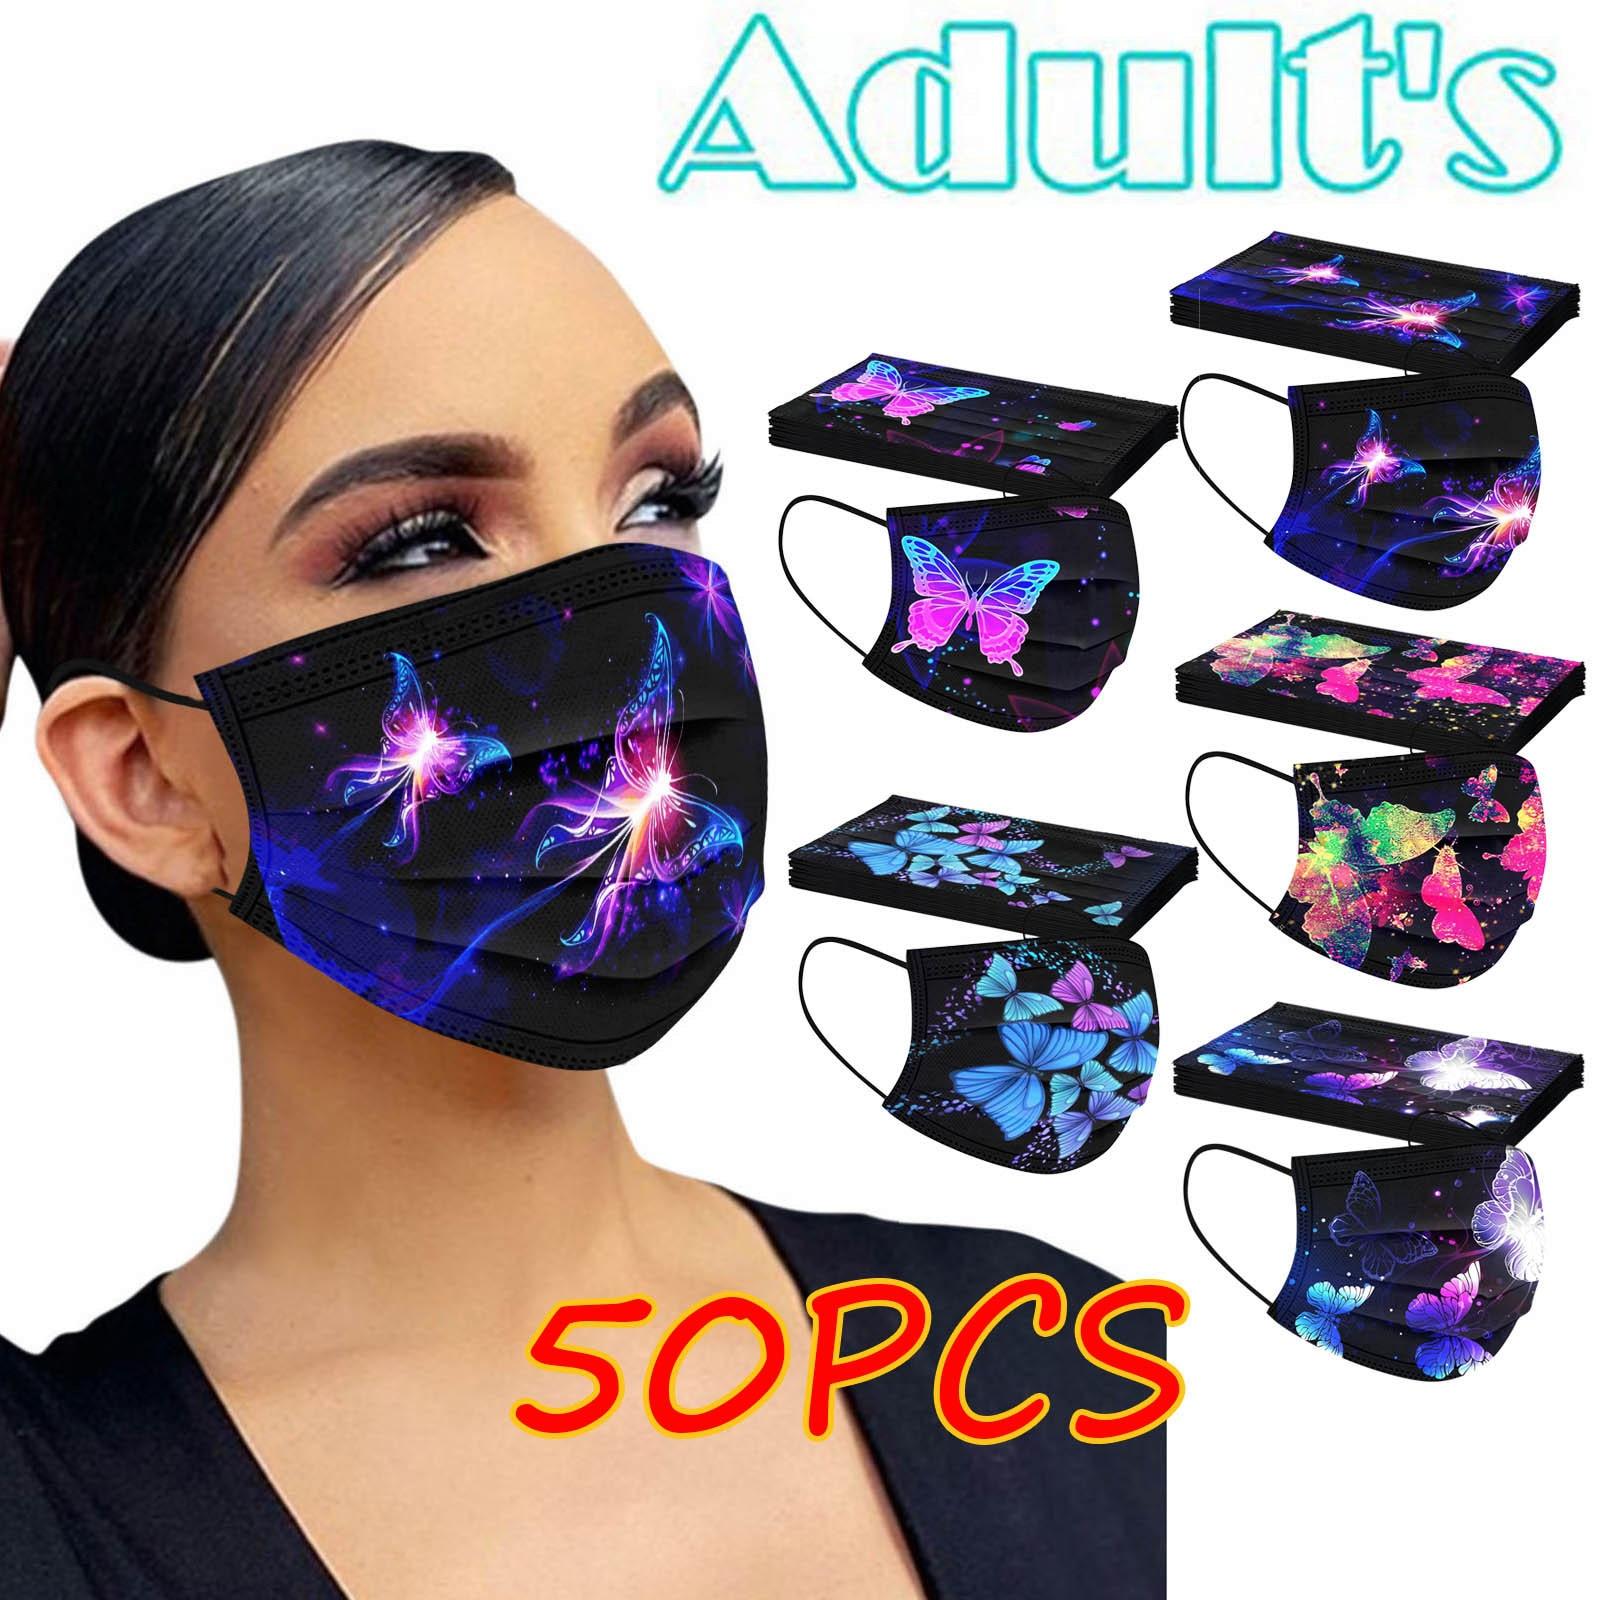 Adulto máscara de rosto descartável máscara de rosto novo estilo tecido máscara de três camadas adulto rímel tejida de novo estilo